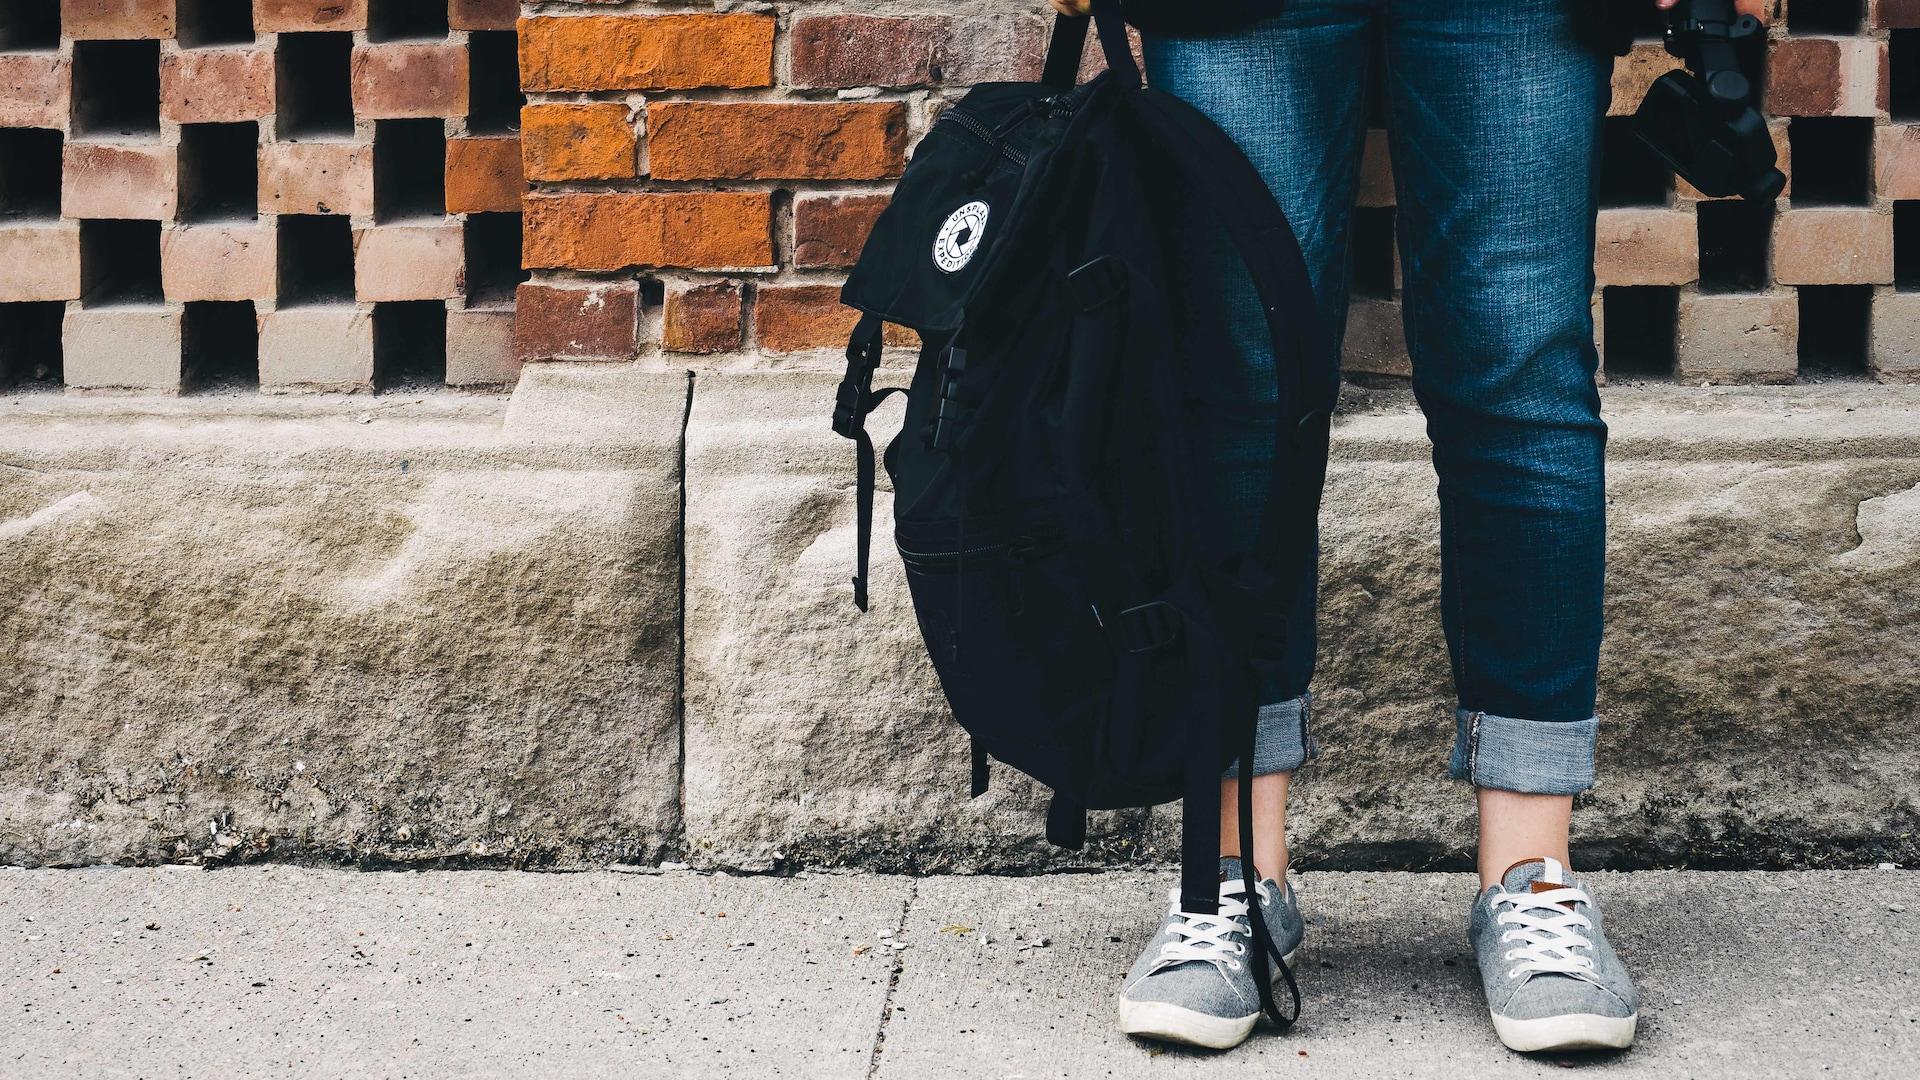 Une personne tient à la main la ganse du haut de son sac à dos.